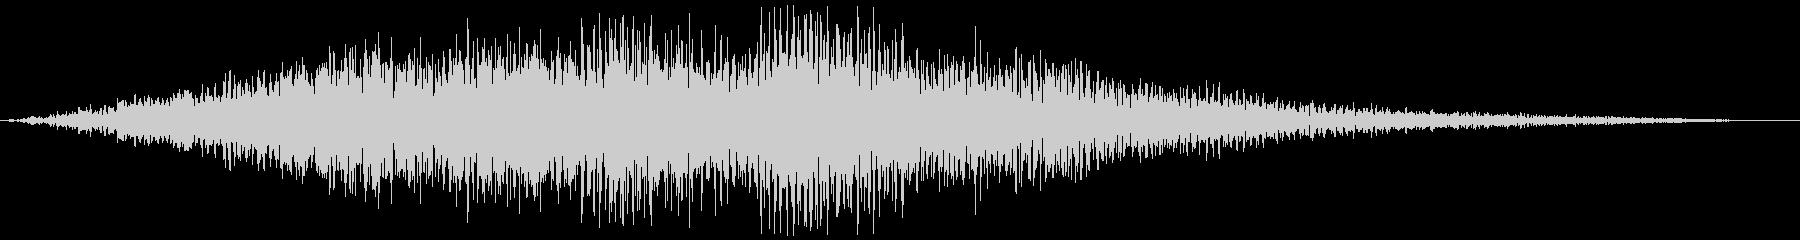 コンピュータの電子音、効果音_02の未再生の波形